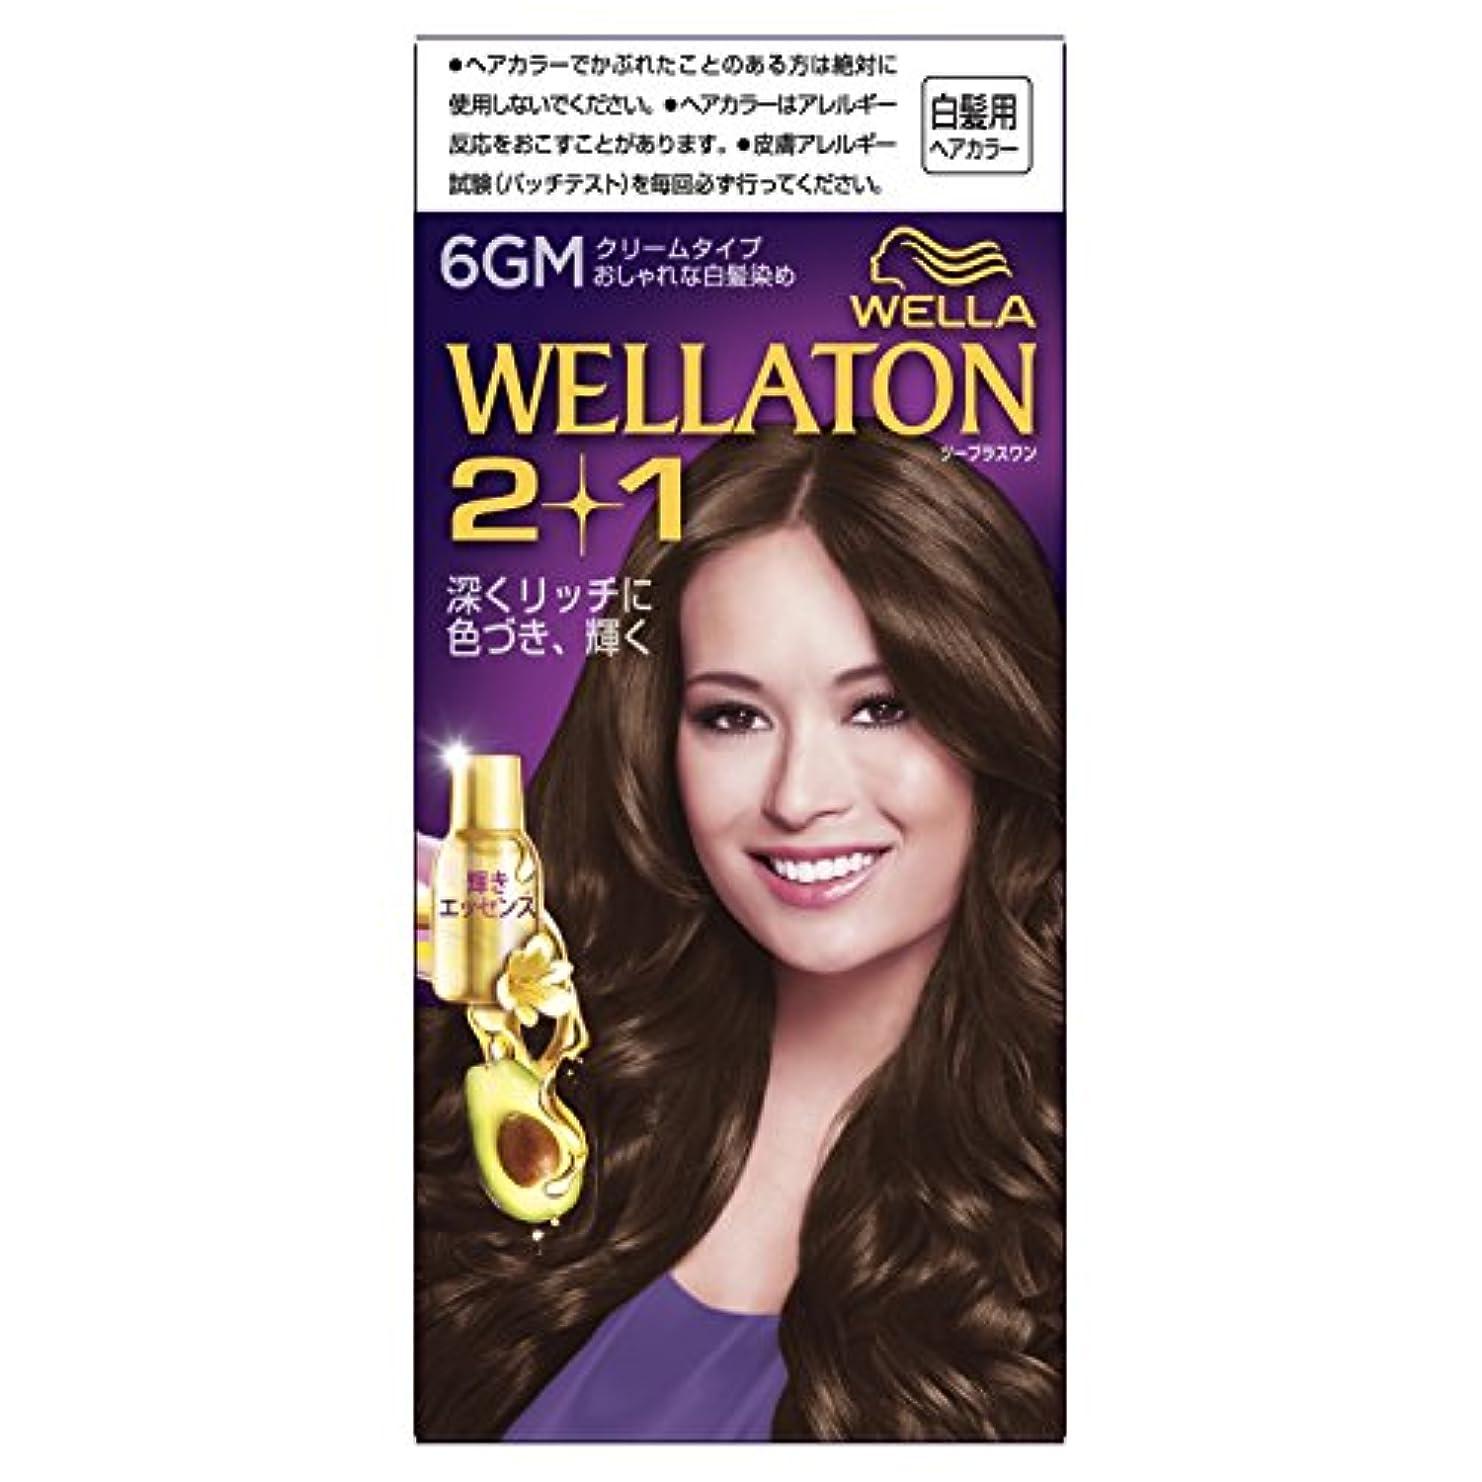 有能な仕様約束するウエラトーン2+1 クリームタイプ 6GM [医薬部外品](おしゃれな白髪染め)